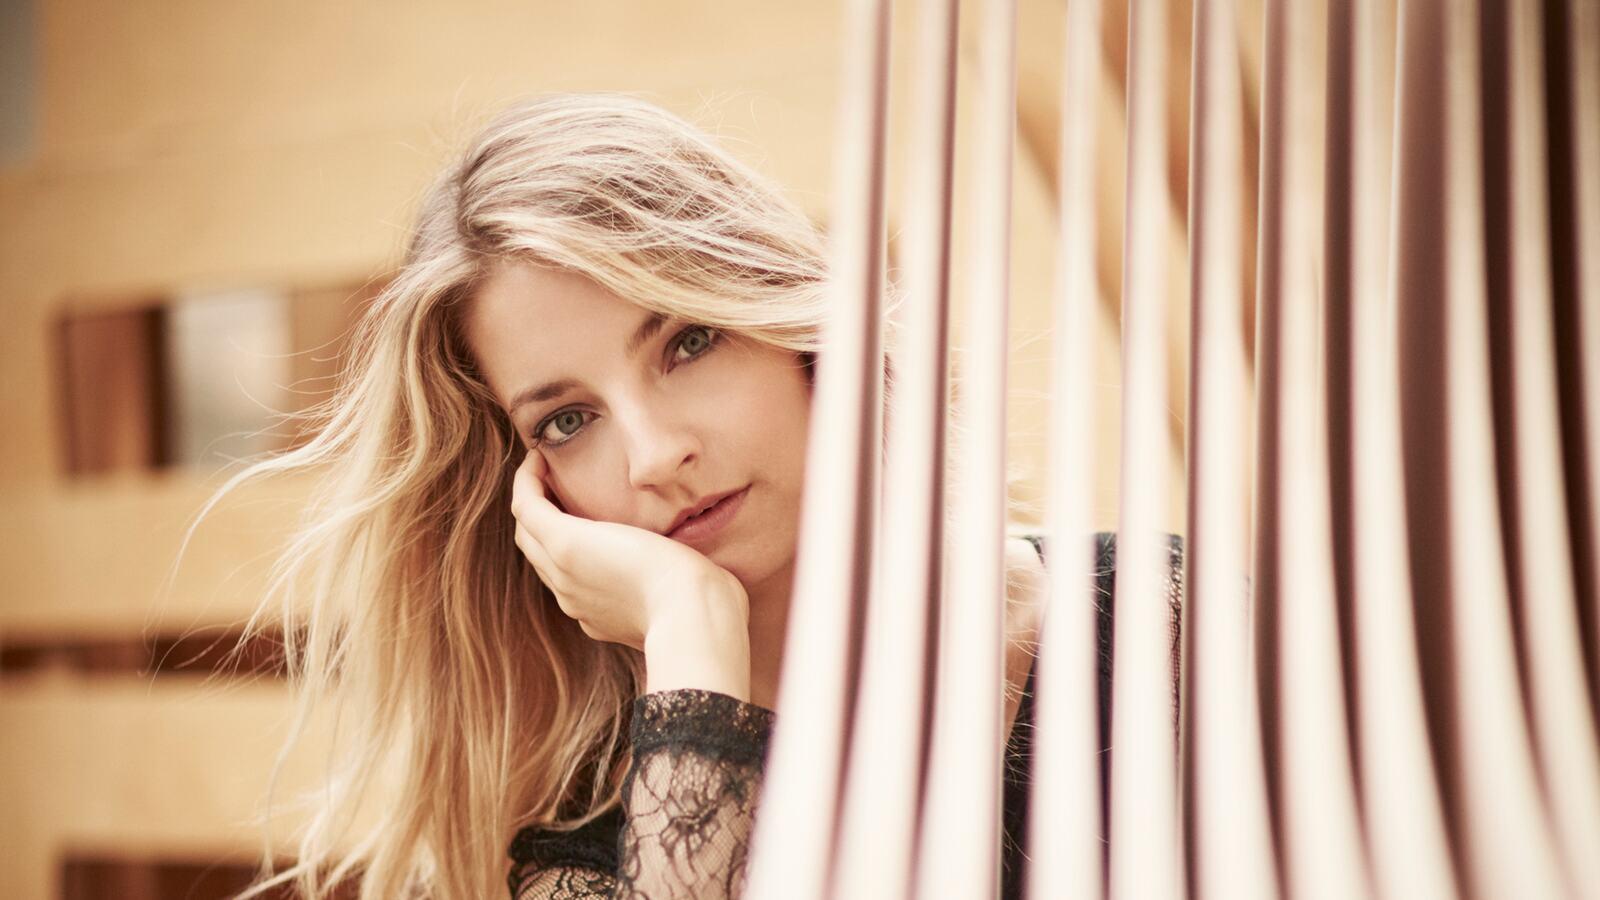 Lise de la Salle, classical pianist